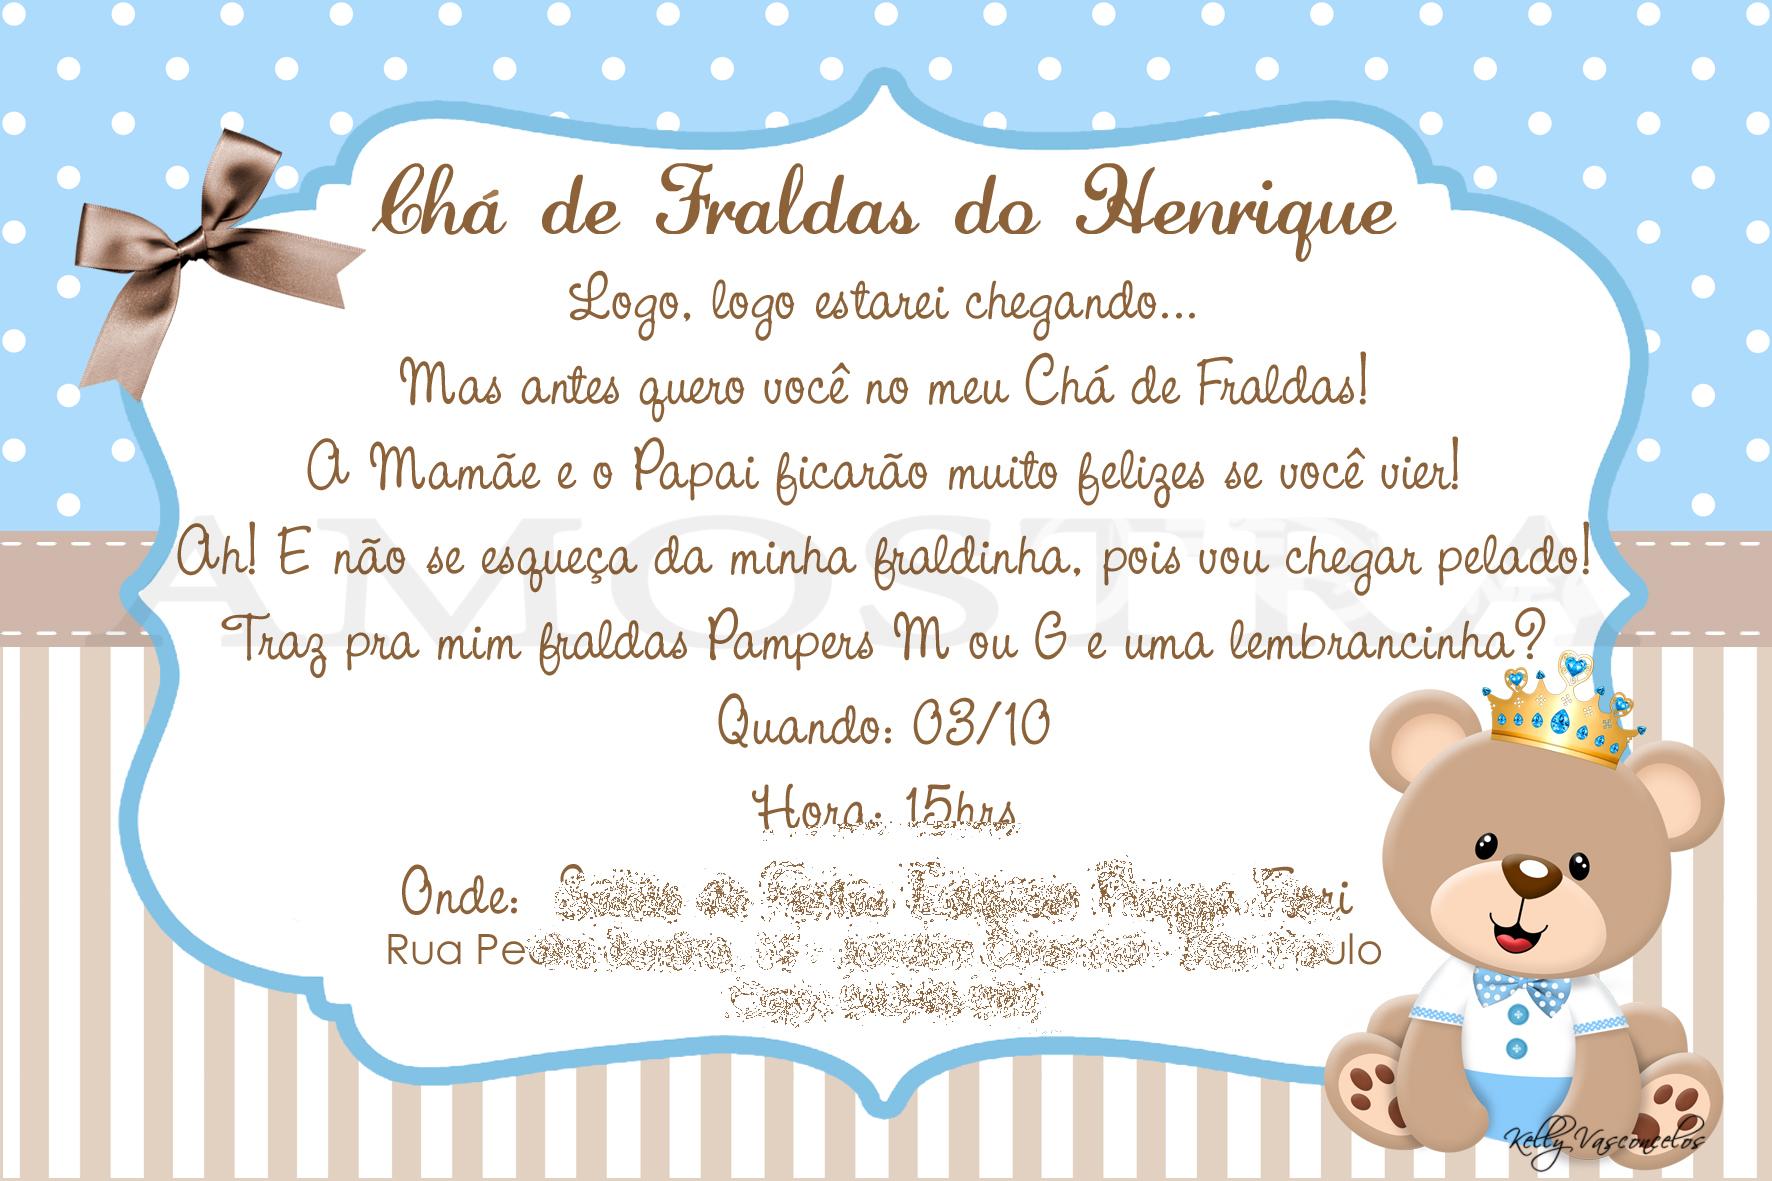 Famosos Convite Chá de Fraldas - ARTE DIGITAL no Elo7 | Olhar Nativo (819CAD) NS69